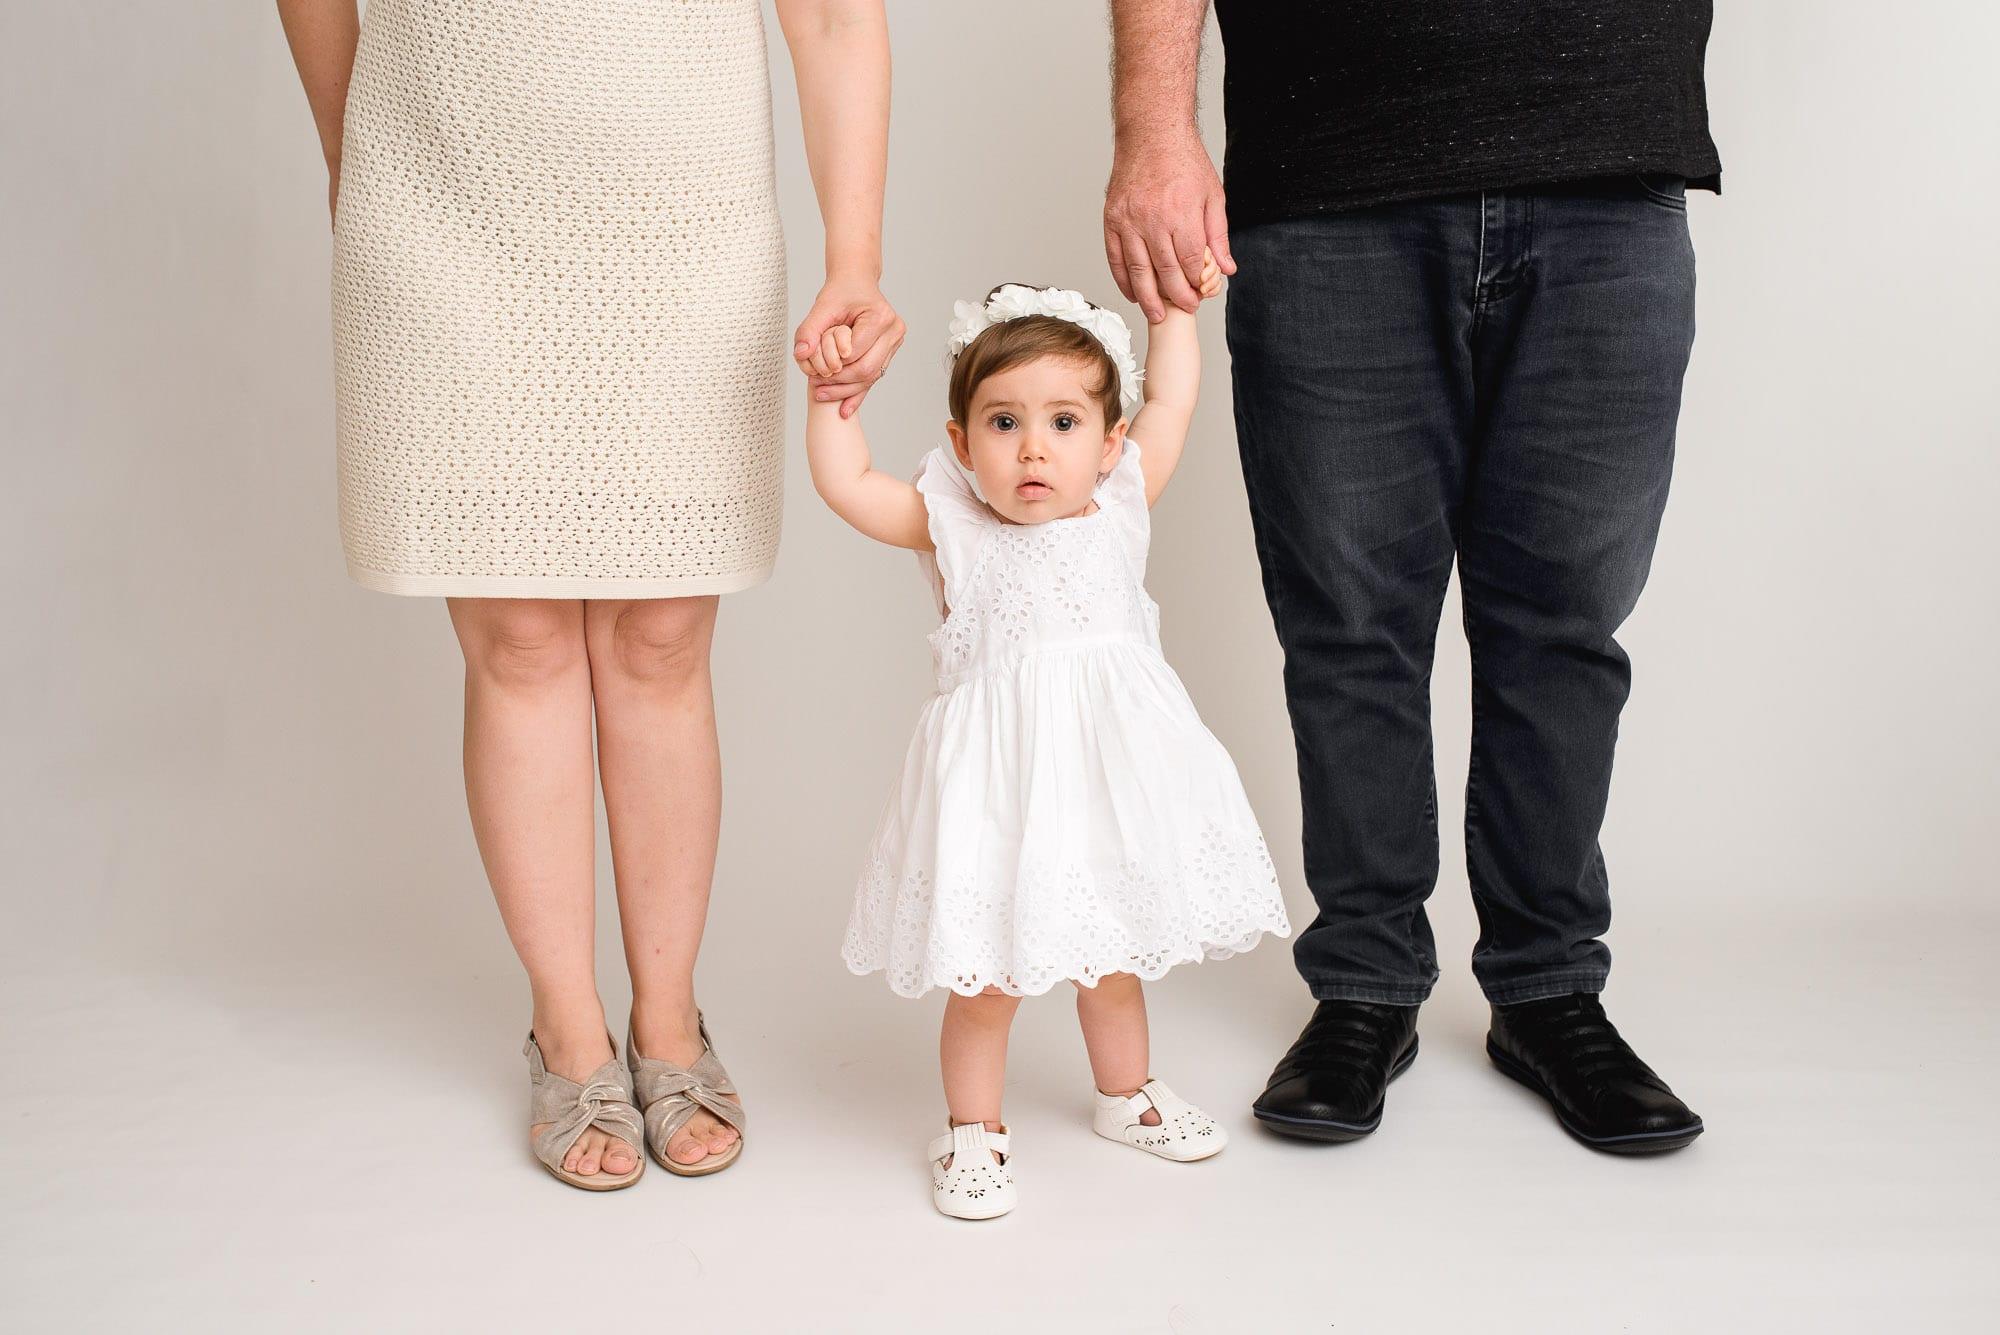 in-studio toddler standing between parents